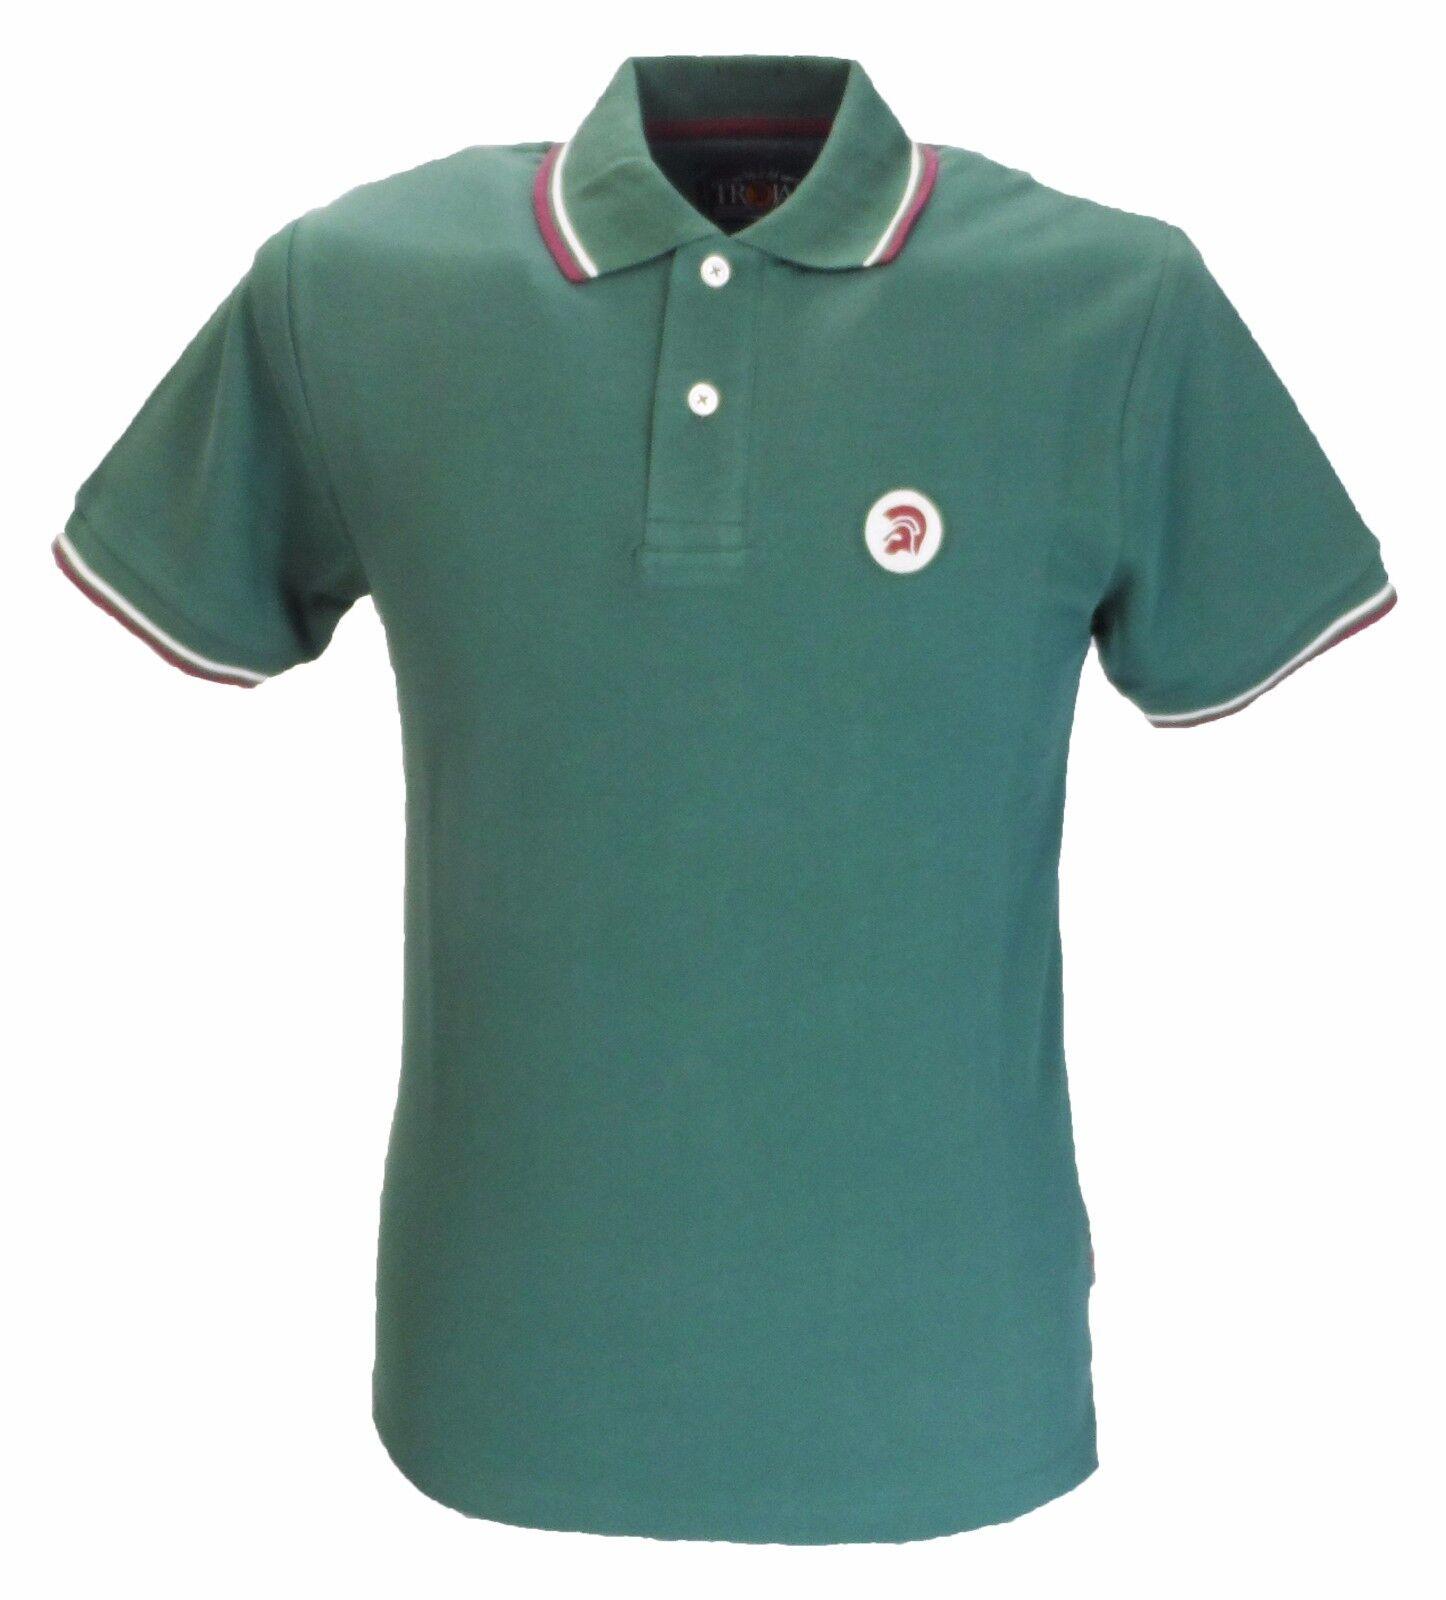 Trojan Grün Classic Retro Stripe Rib Polo Shirt  | Verkauf Online-Shop  | Ausgezeichnet (in) Qualität  | Mama kaufte ein bequemes, Baby ist glücklich